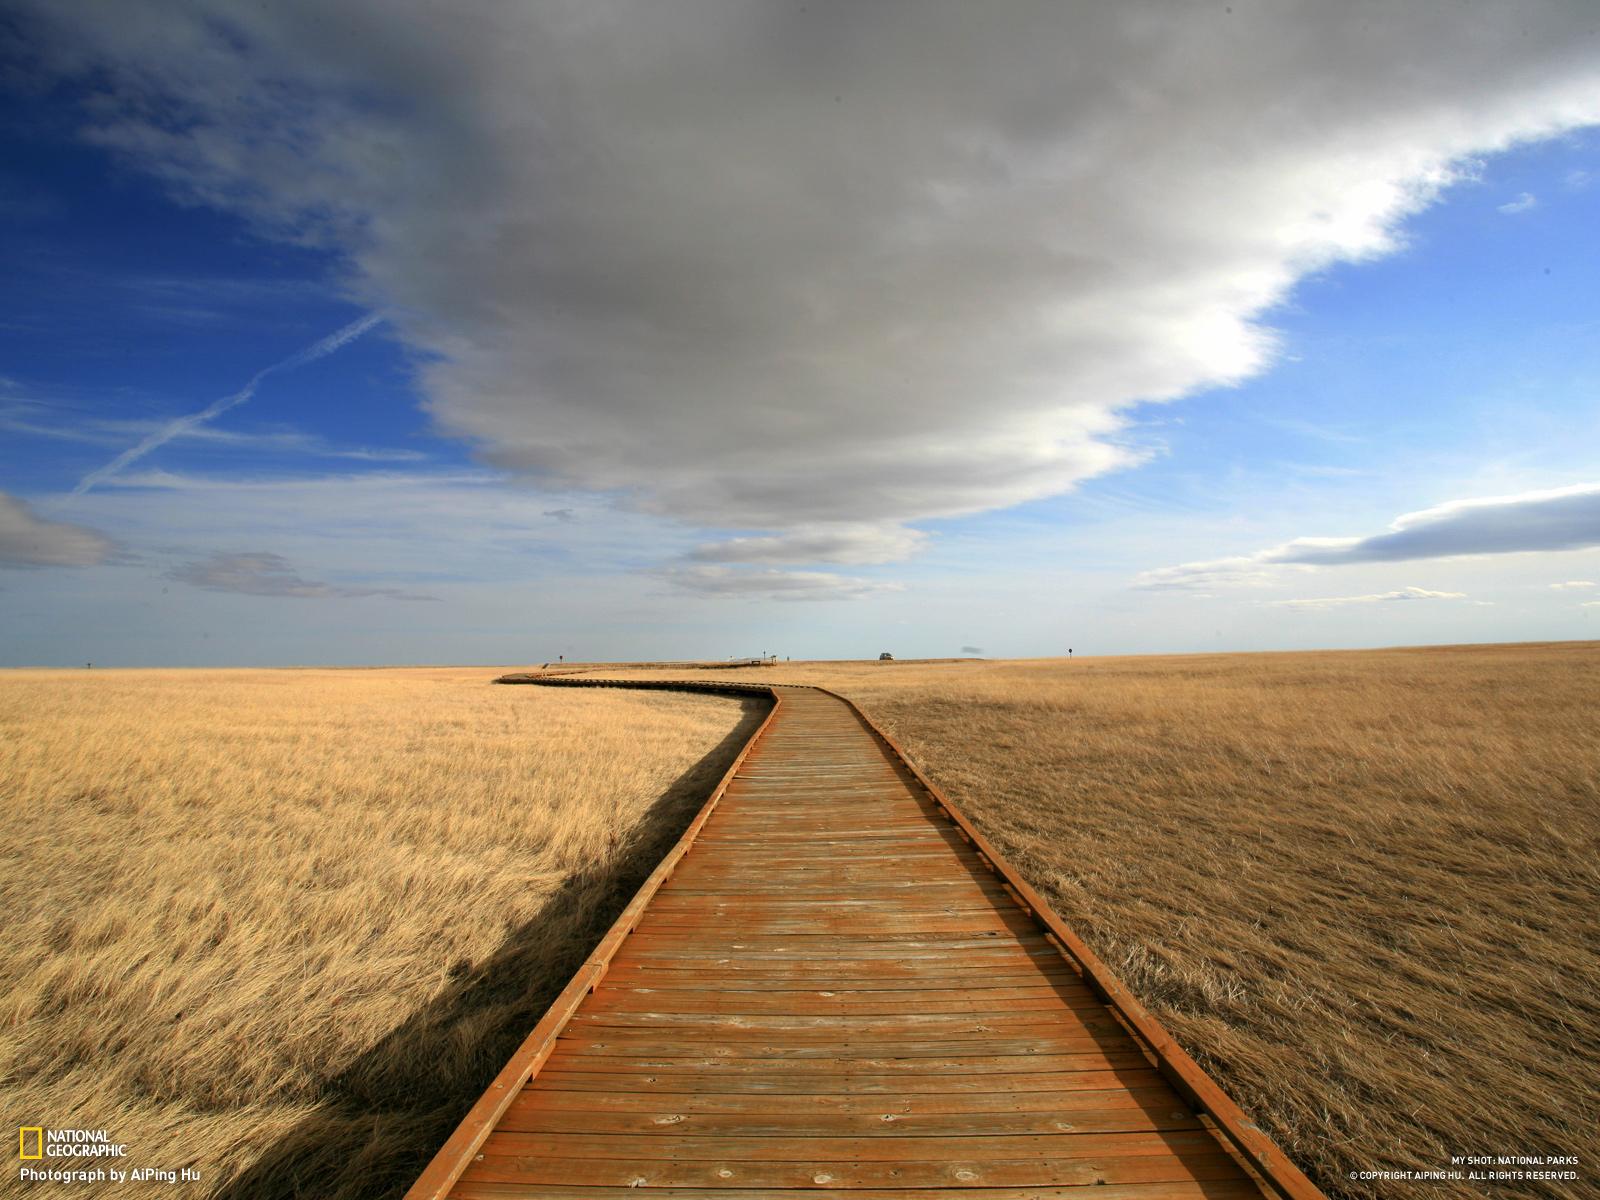 http://2.bp.blogspot.com/-dOVK6bk2kdY/T5diUaQgaiI/AAAAAAAACZU/L7G2lxG9xXk/s1600/34-national-parks-1600.jpg